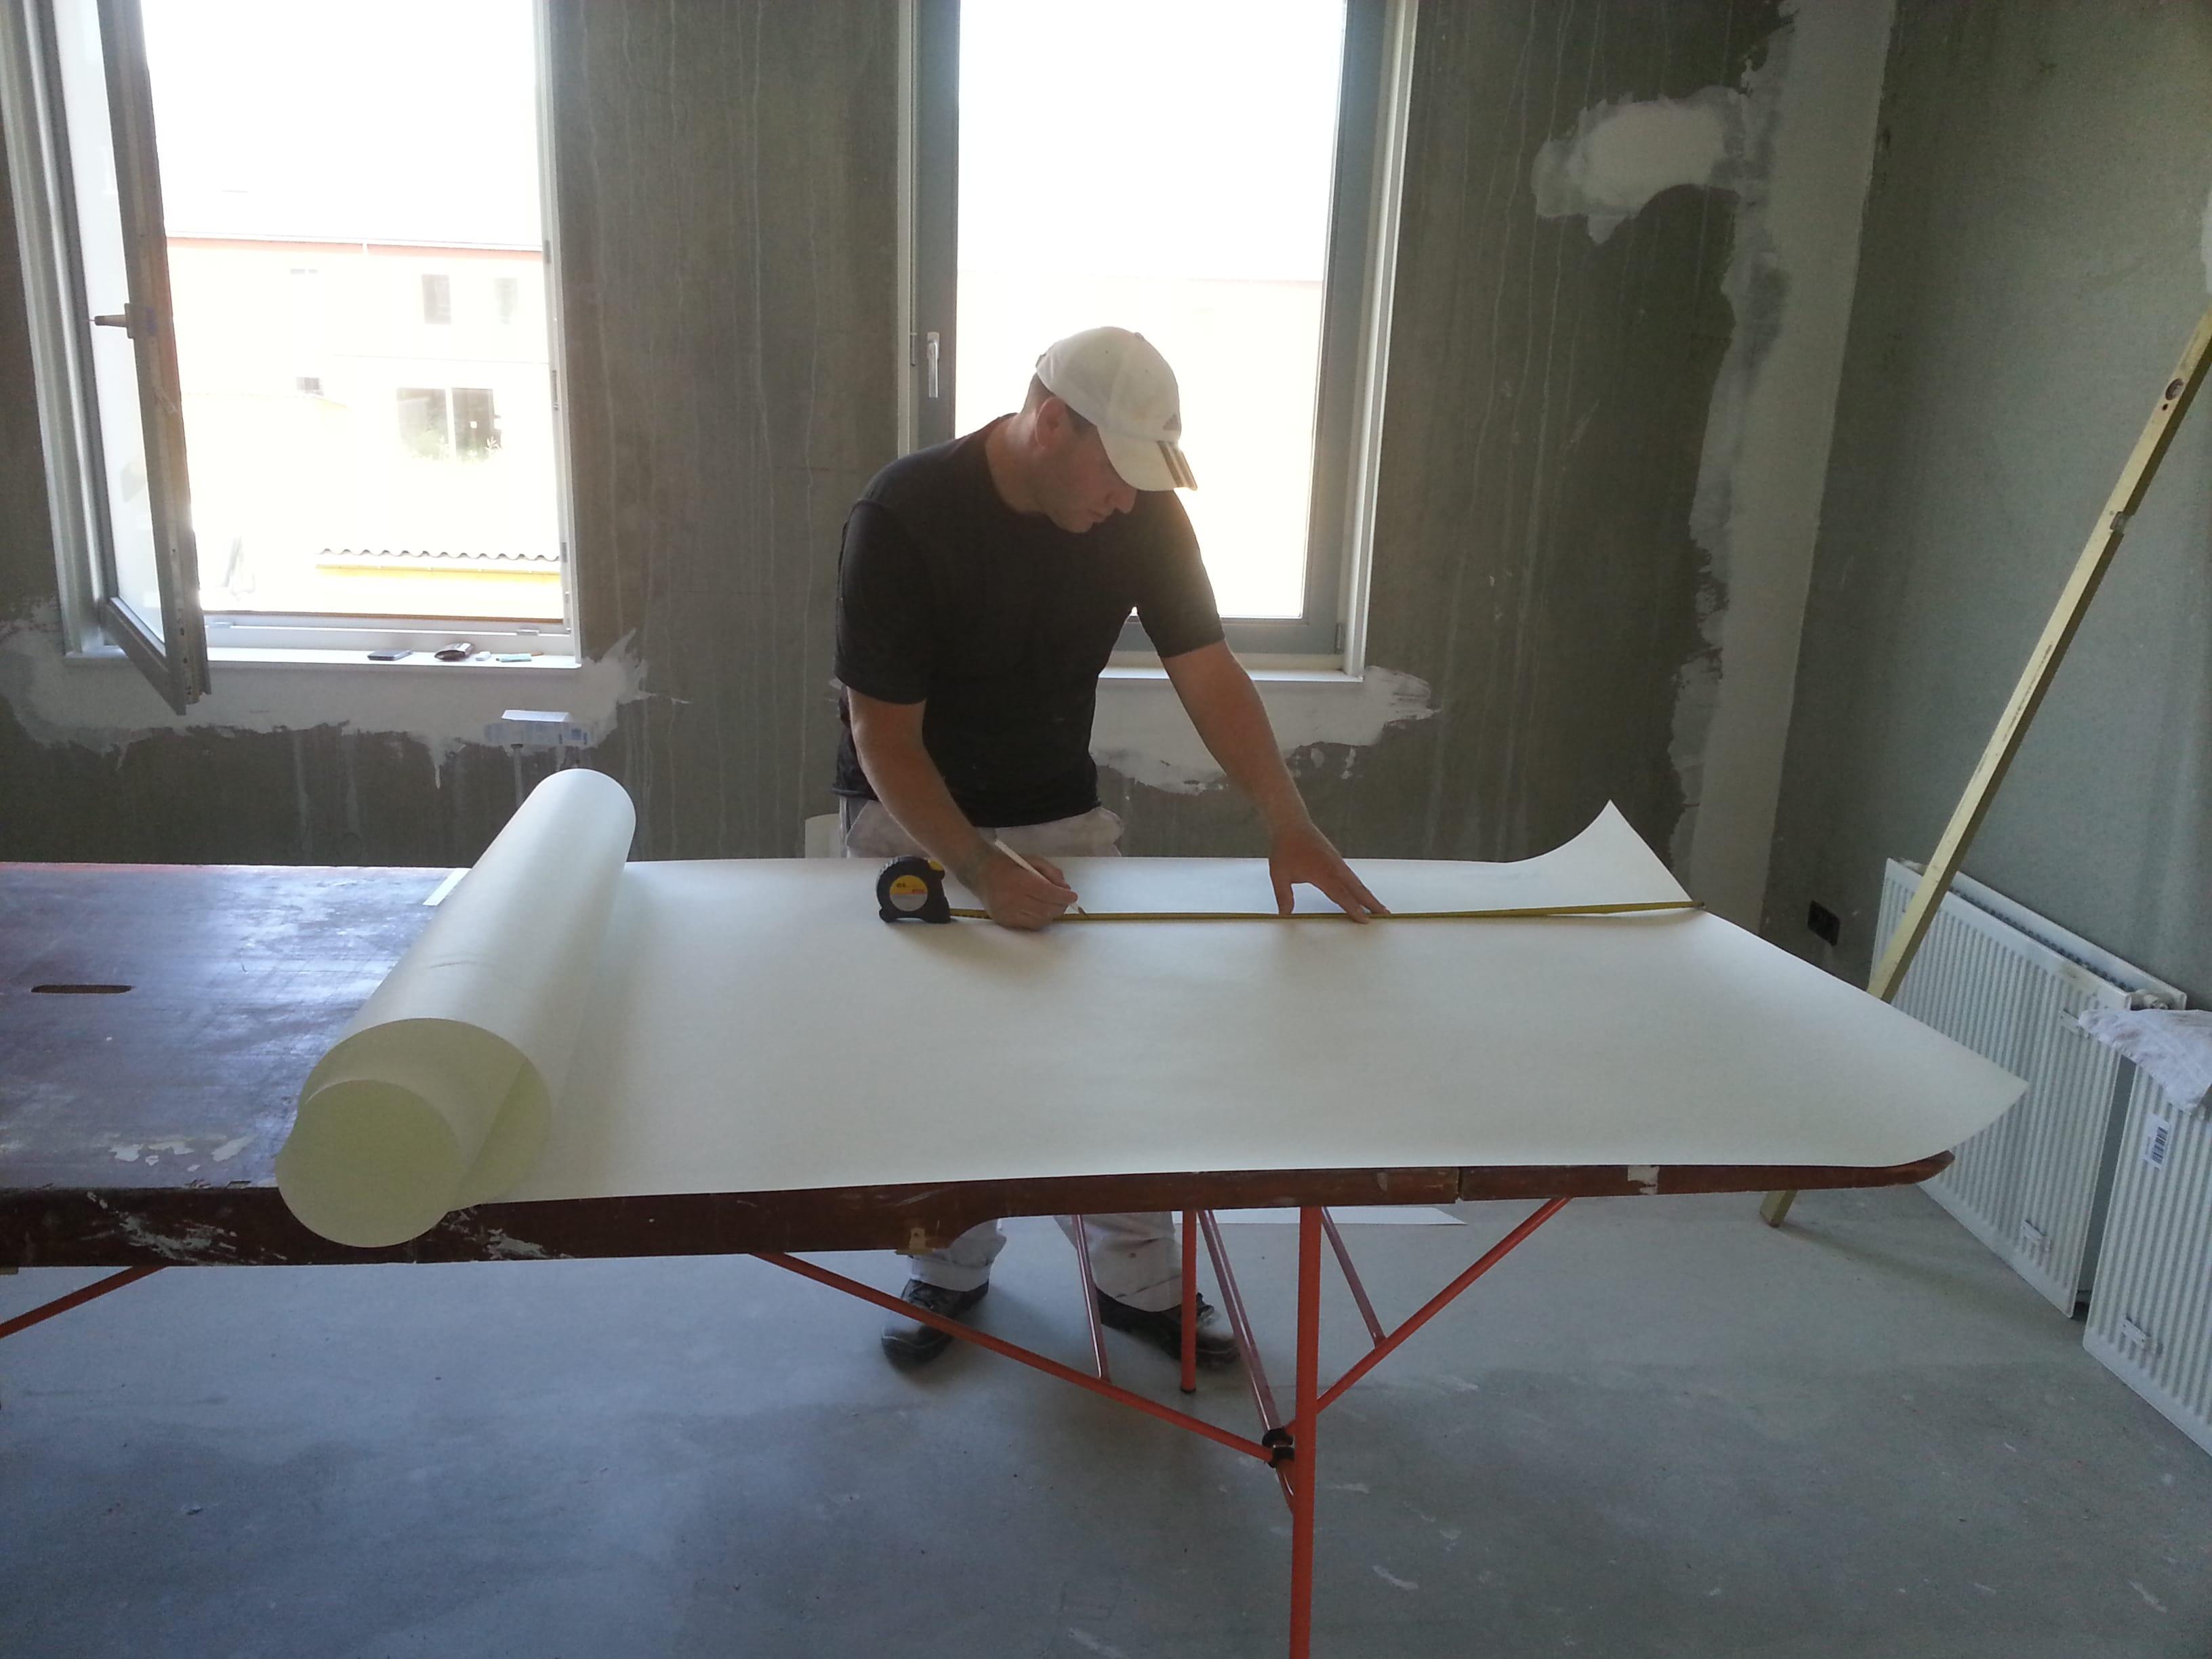 Kosten behangen per m2 materialen voor constructie for Kostprijs behangen per m2